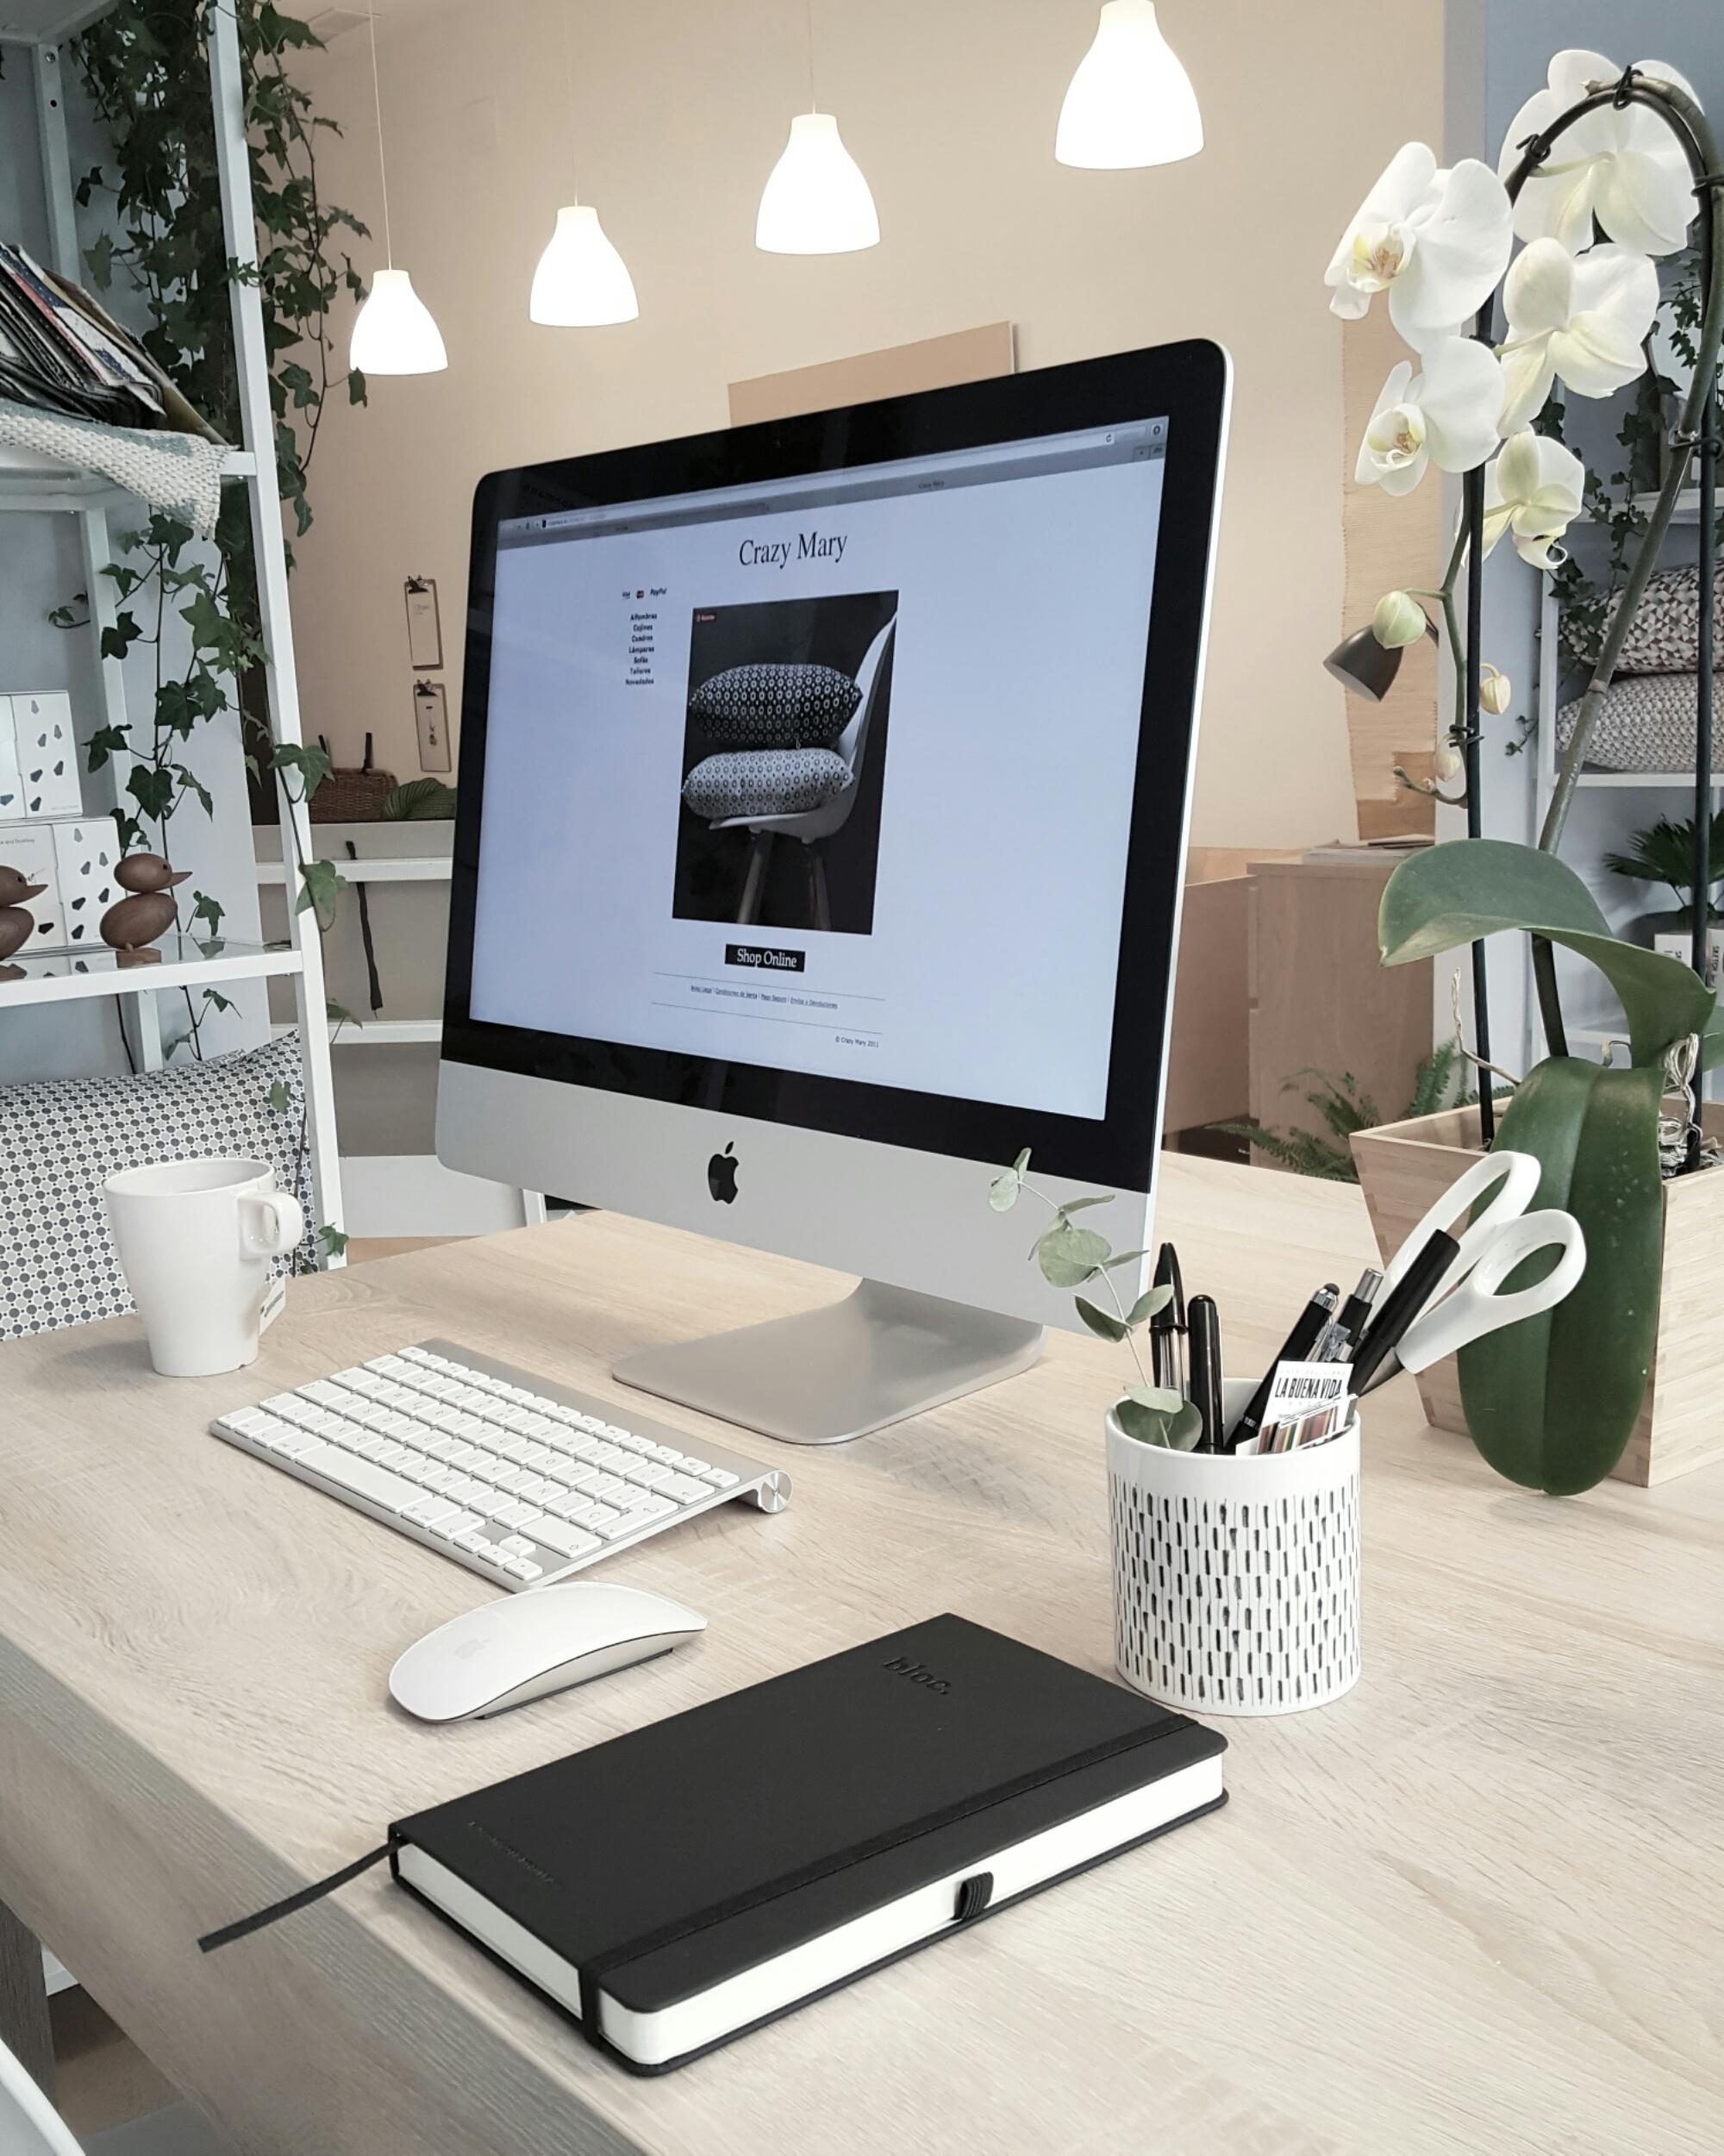 Proyectos decoracion online proyecto de decoracin online - Proyectos decoracion online ...